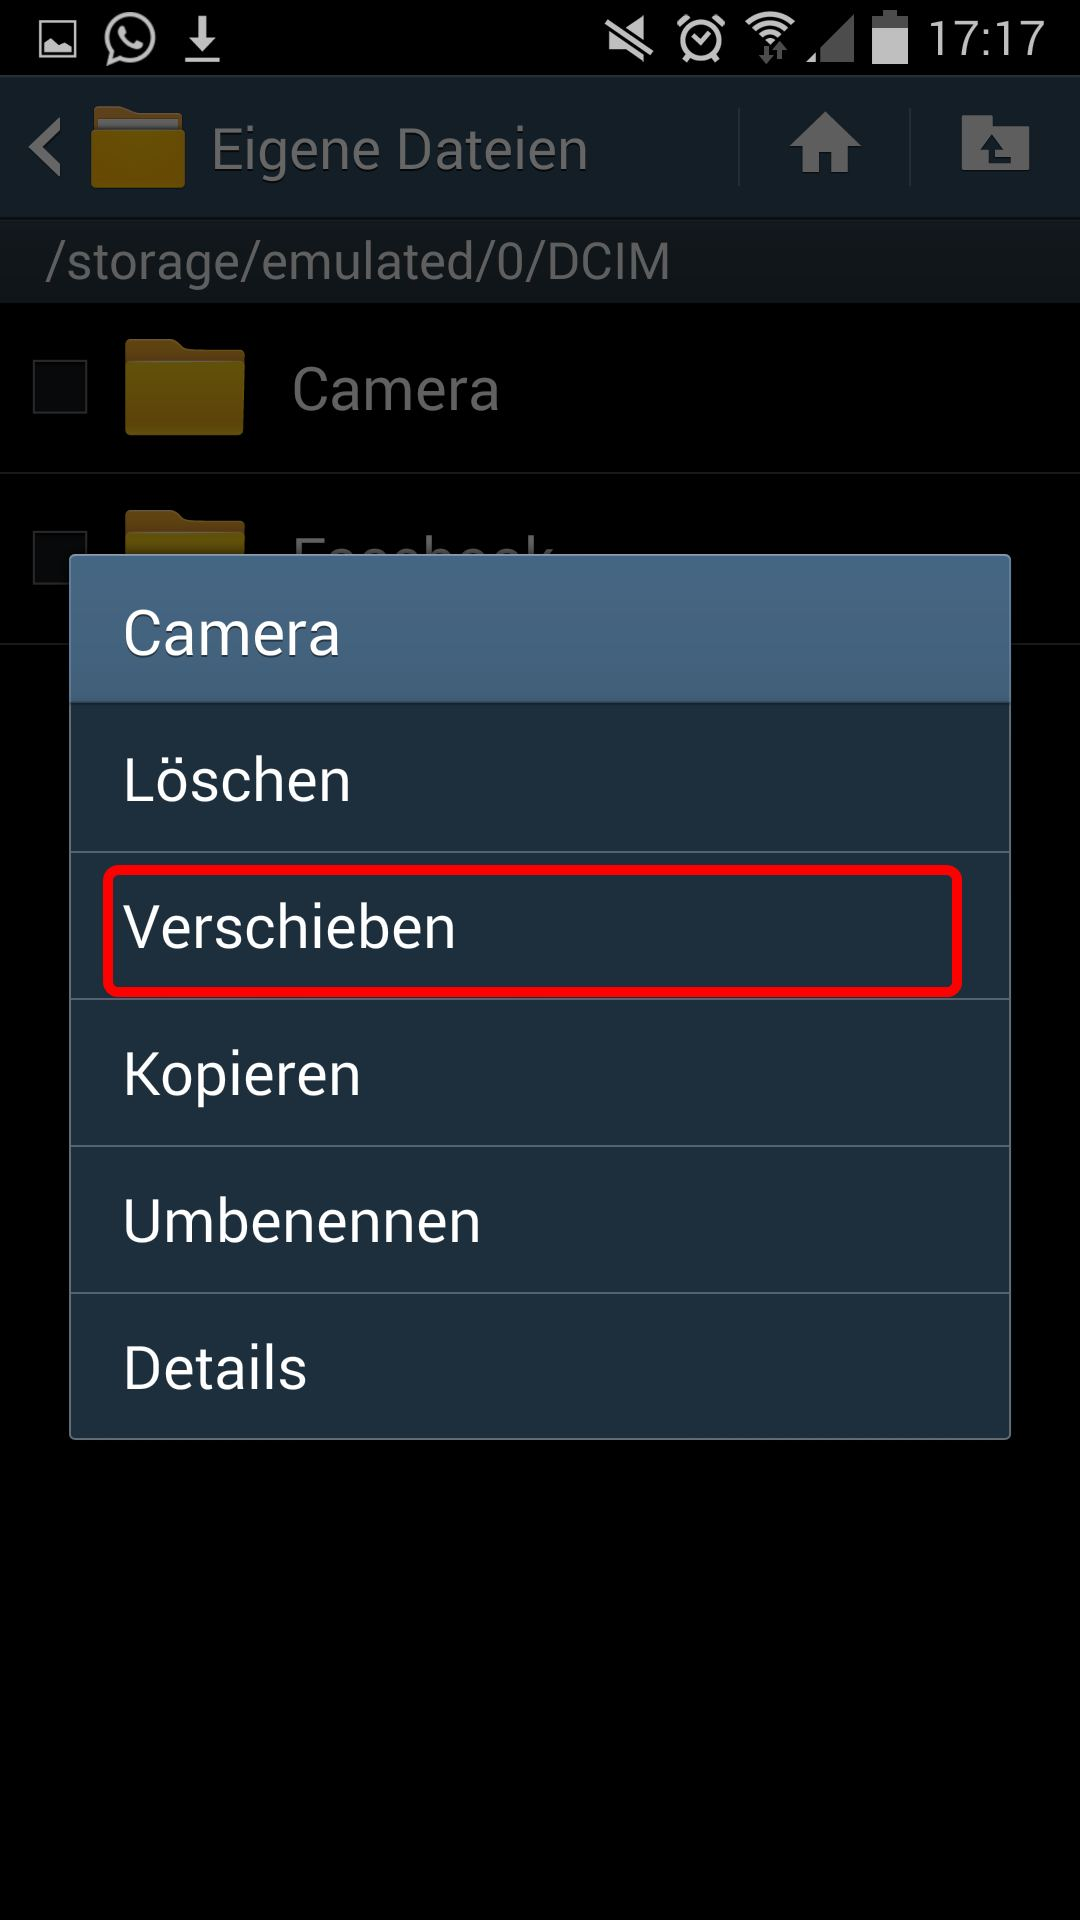 whatsapp auf sd karte verschieben samsung Bilder auf SD Karte verschieben oder speichern: So geht's bei Android